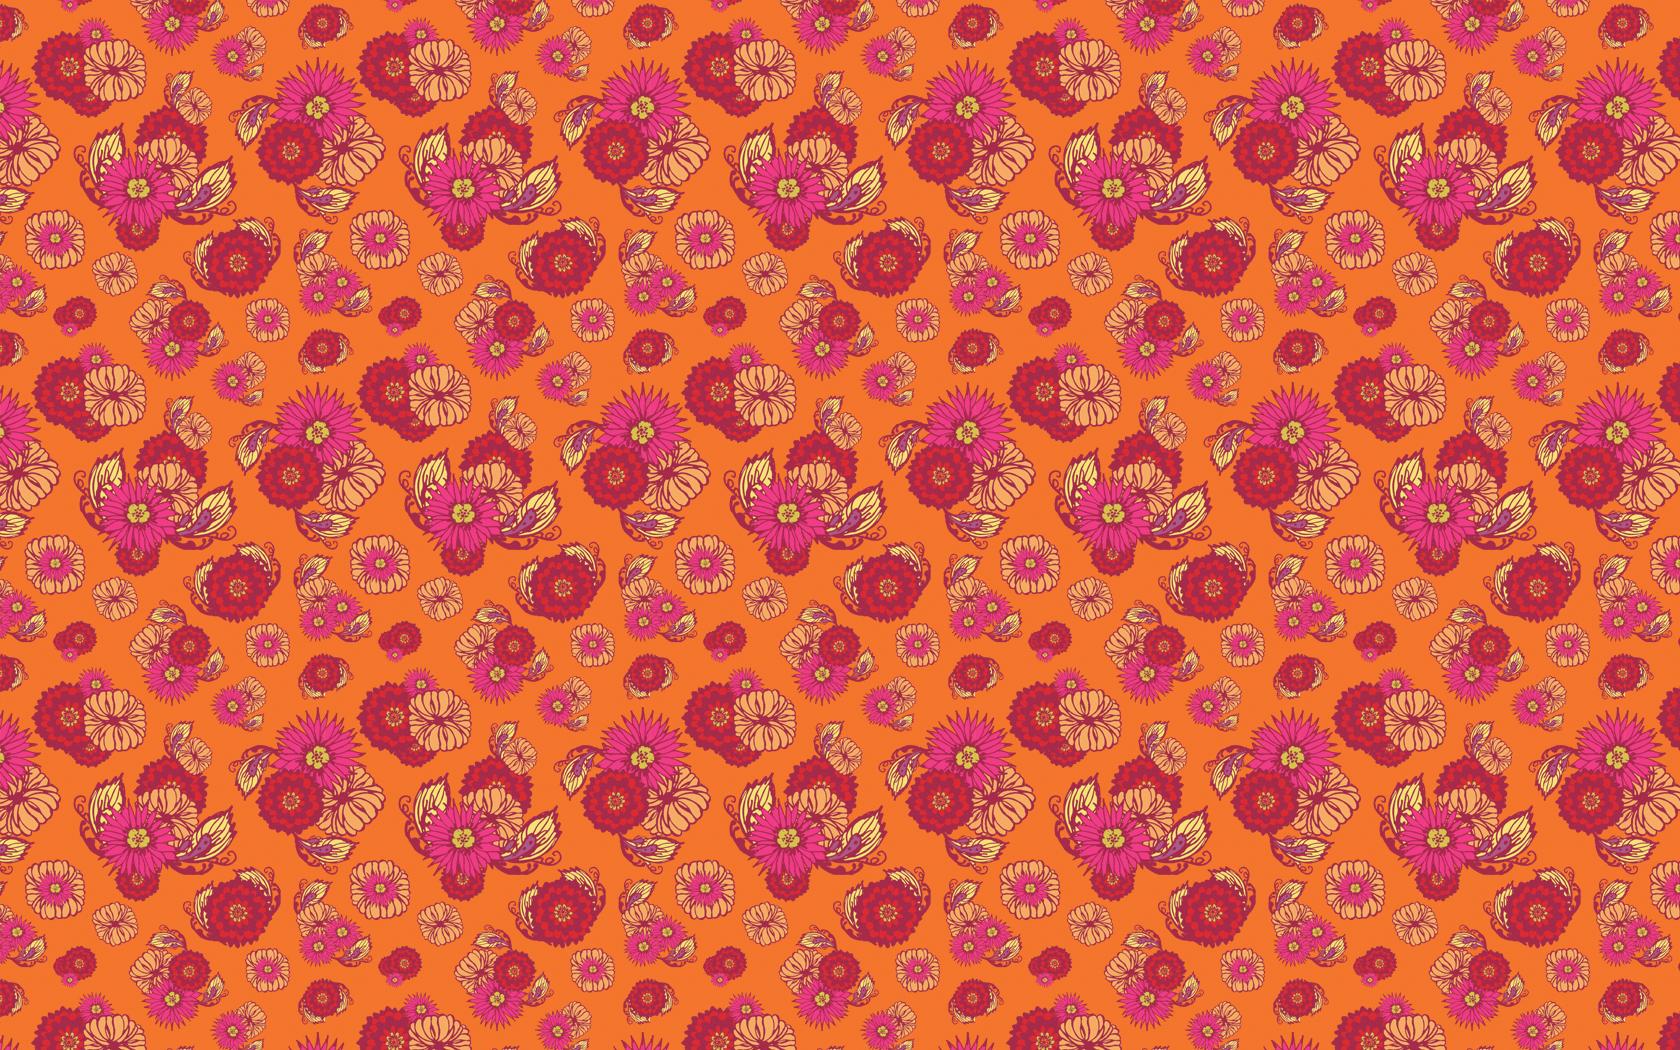 Pattern Design Scattered Floral 1680x1050